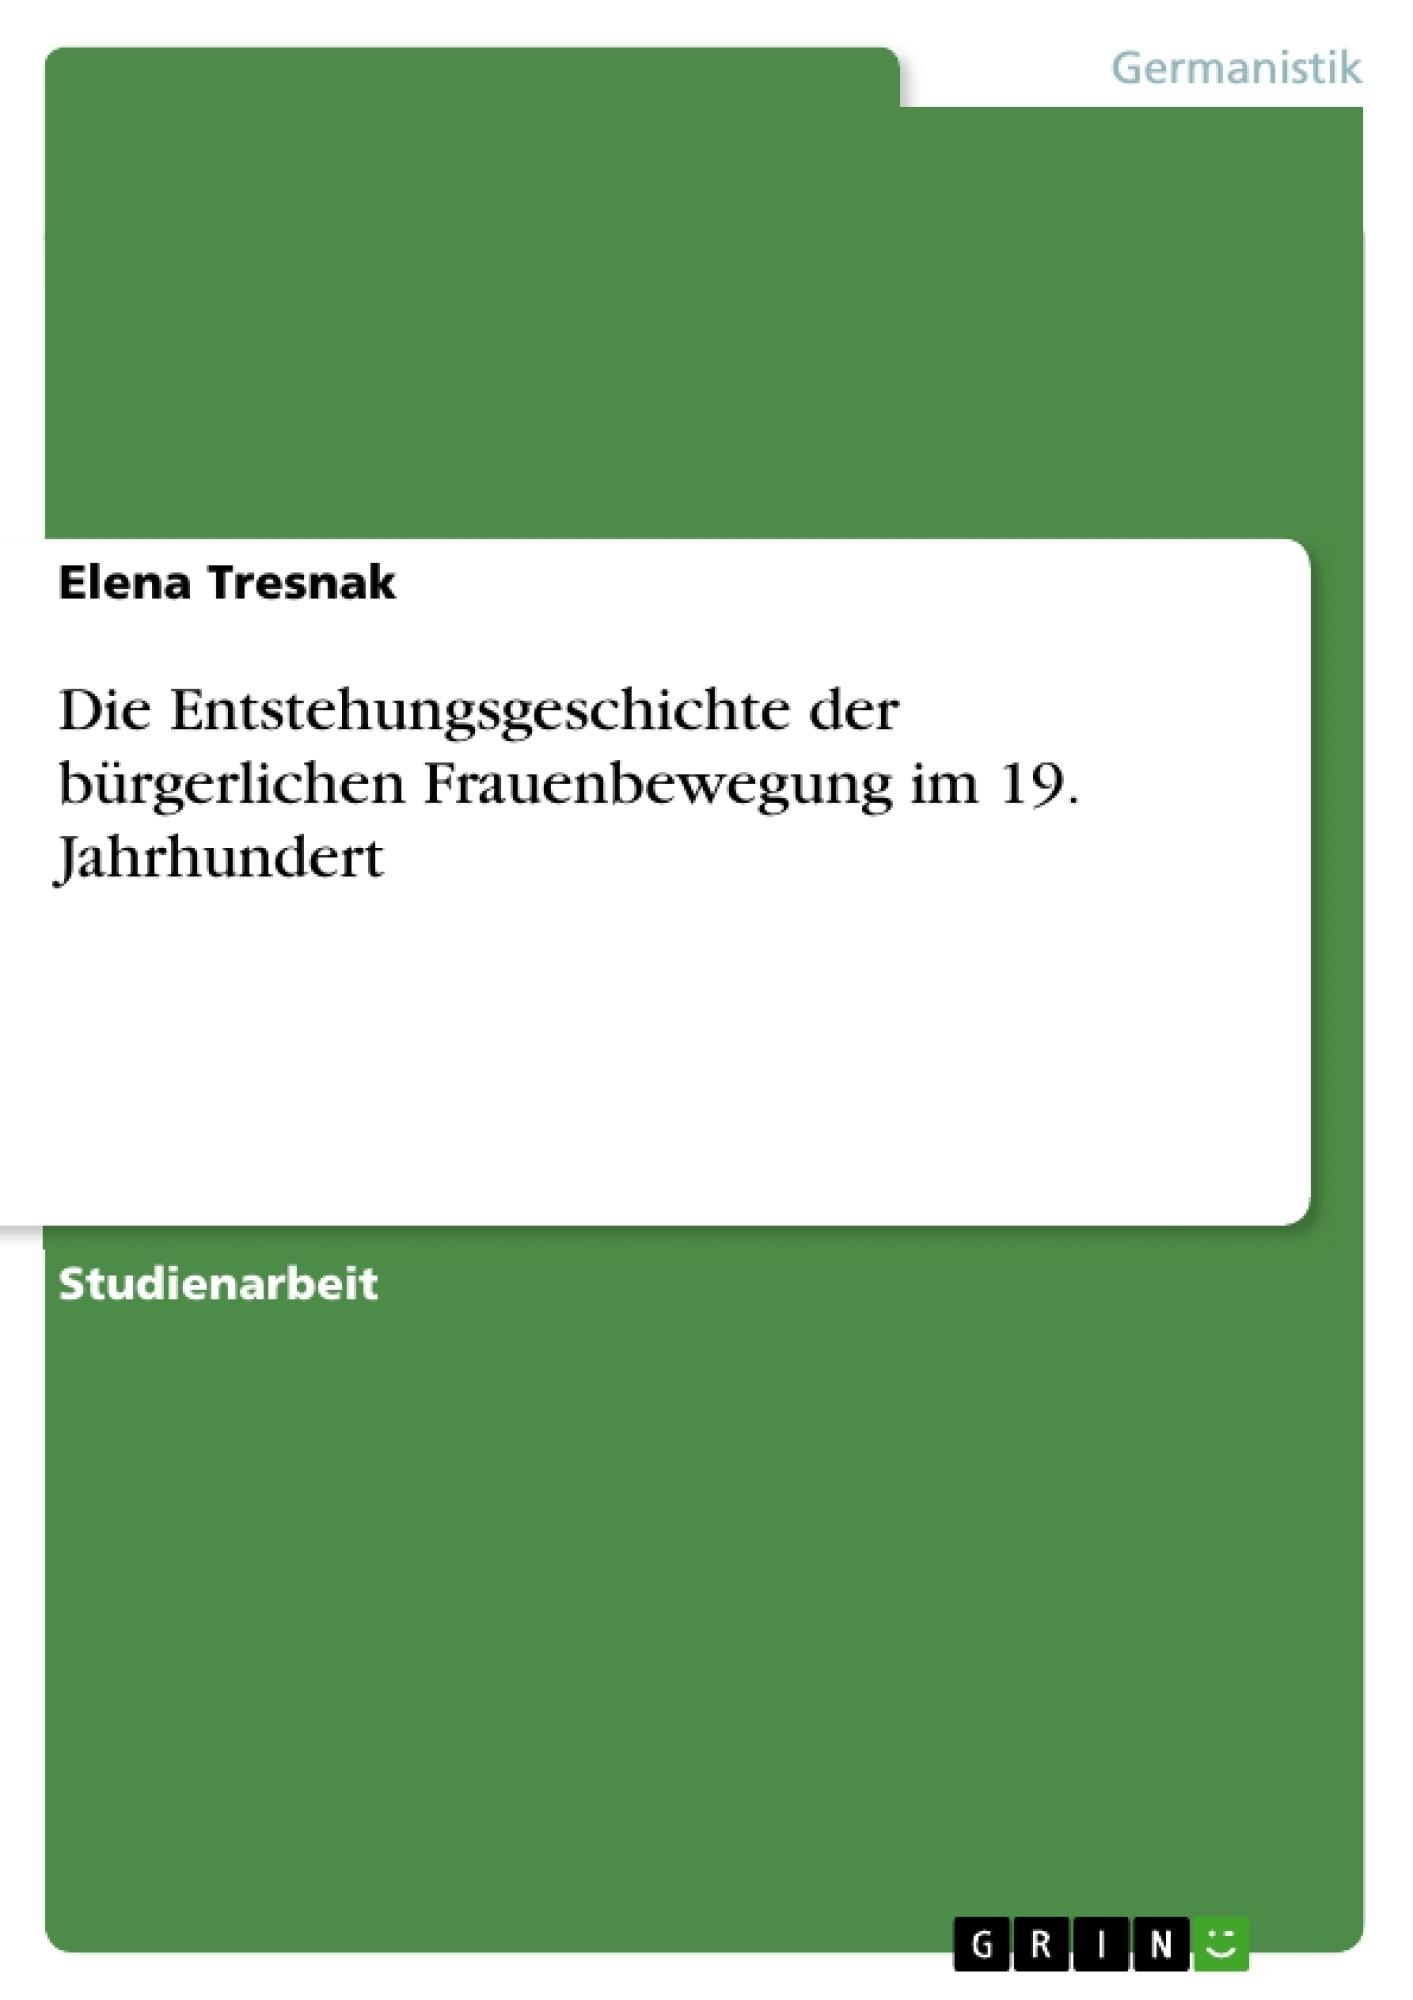 Titel: Die Entstehungsgeschichte der bürgerlichen Frauenbewegung im 19. Jahrhundert